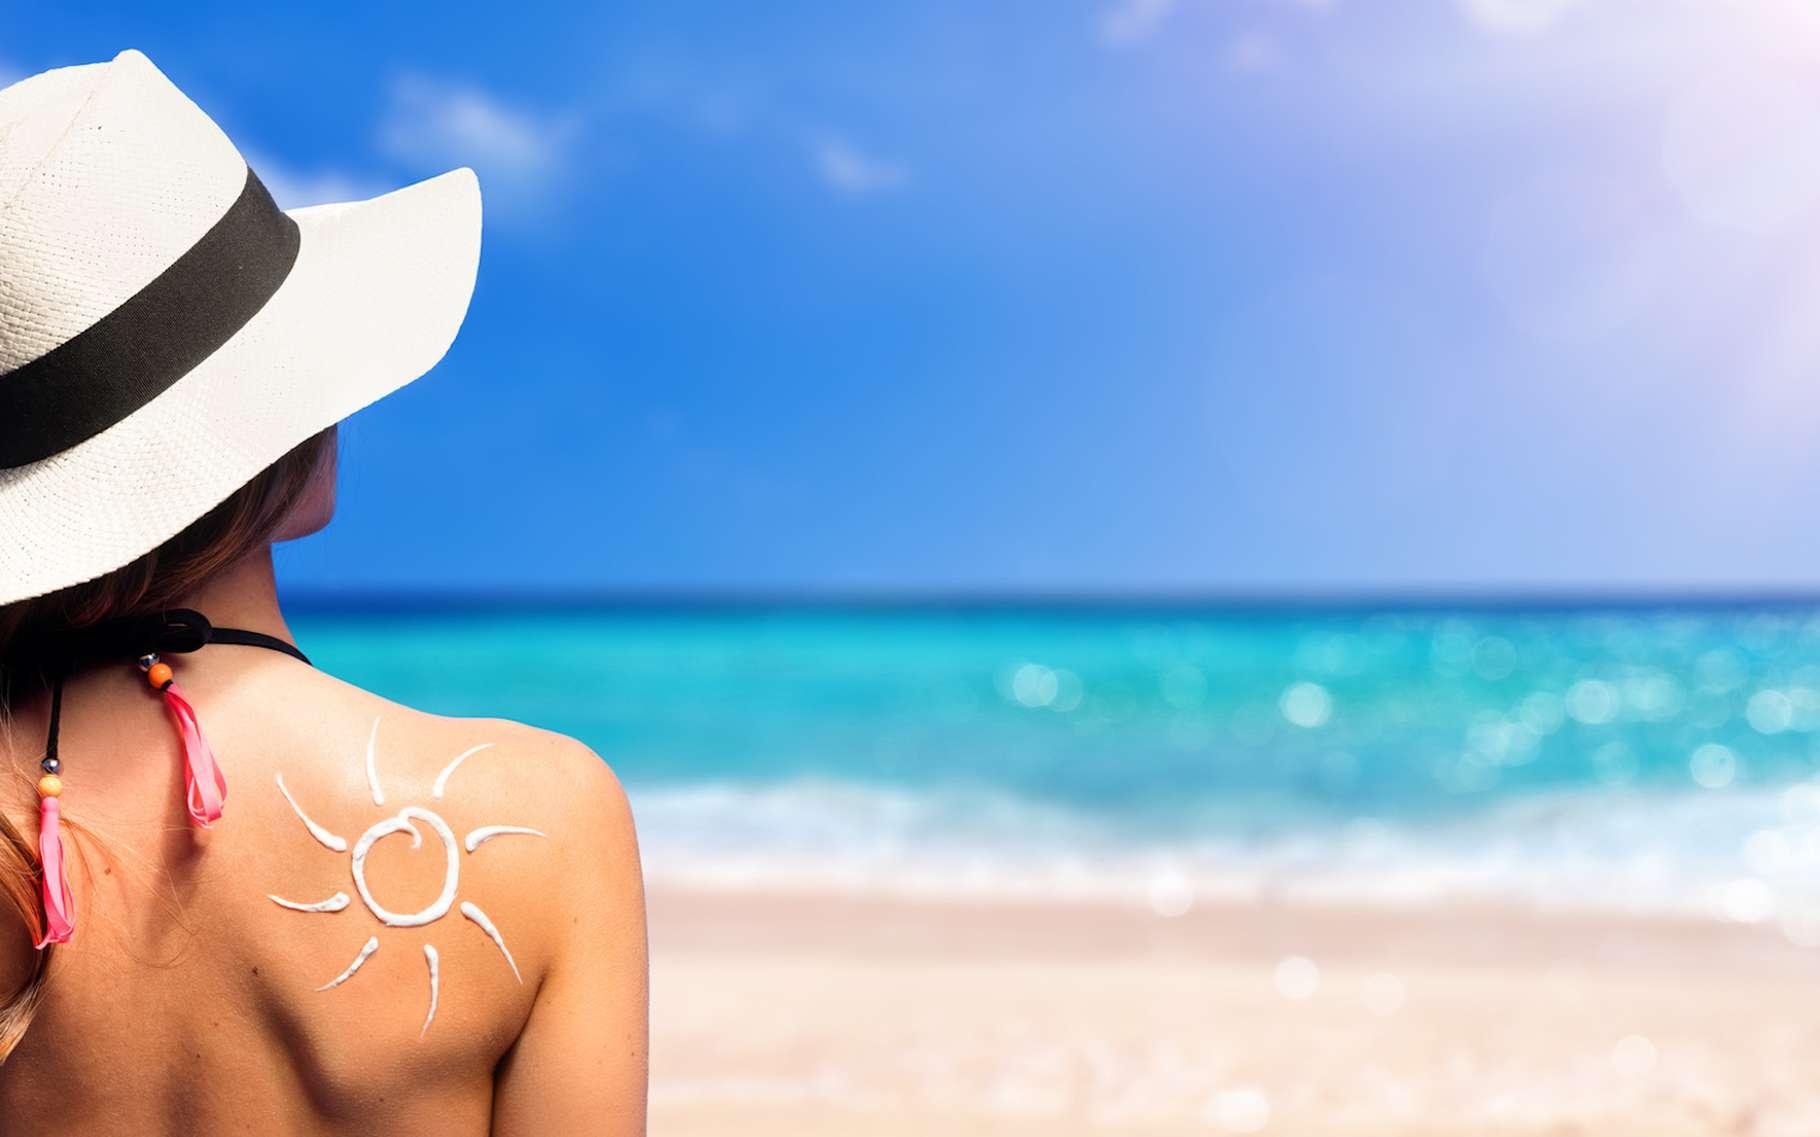 Selon une étude scientifique, nous n'appliquerions pas assez de crème solaire pour que celle-ci soit aussi efficace que les fabricants l'annoncent. © Romolo Tavani, Fotolia